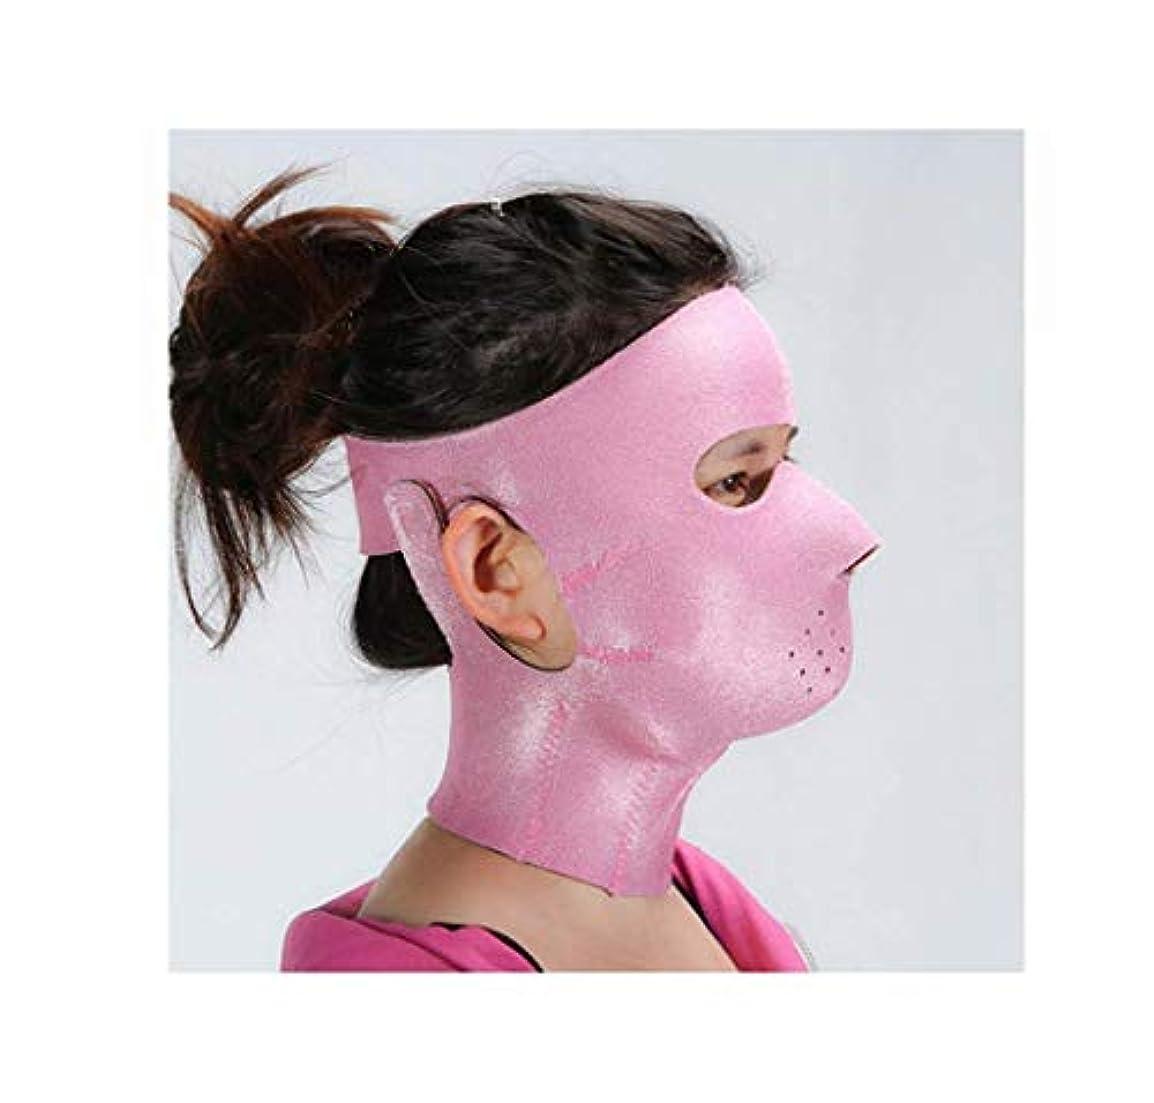 後悔ディレクトリ変なフェイスリフトマスク、フェイシャルマスクプラス薄いフェイスマスクタイトなたるみの薄いフェイスマスクフェイシャル薄いフェイスマスクアーティファクトビューティーネックストラップ付き